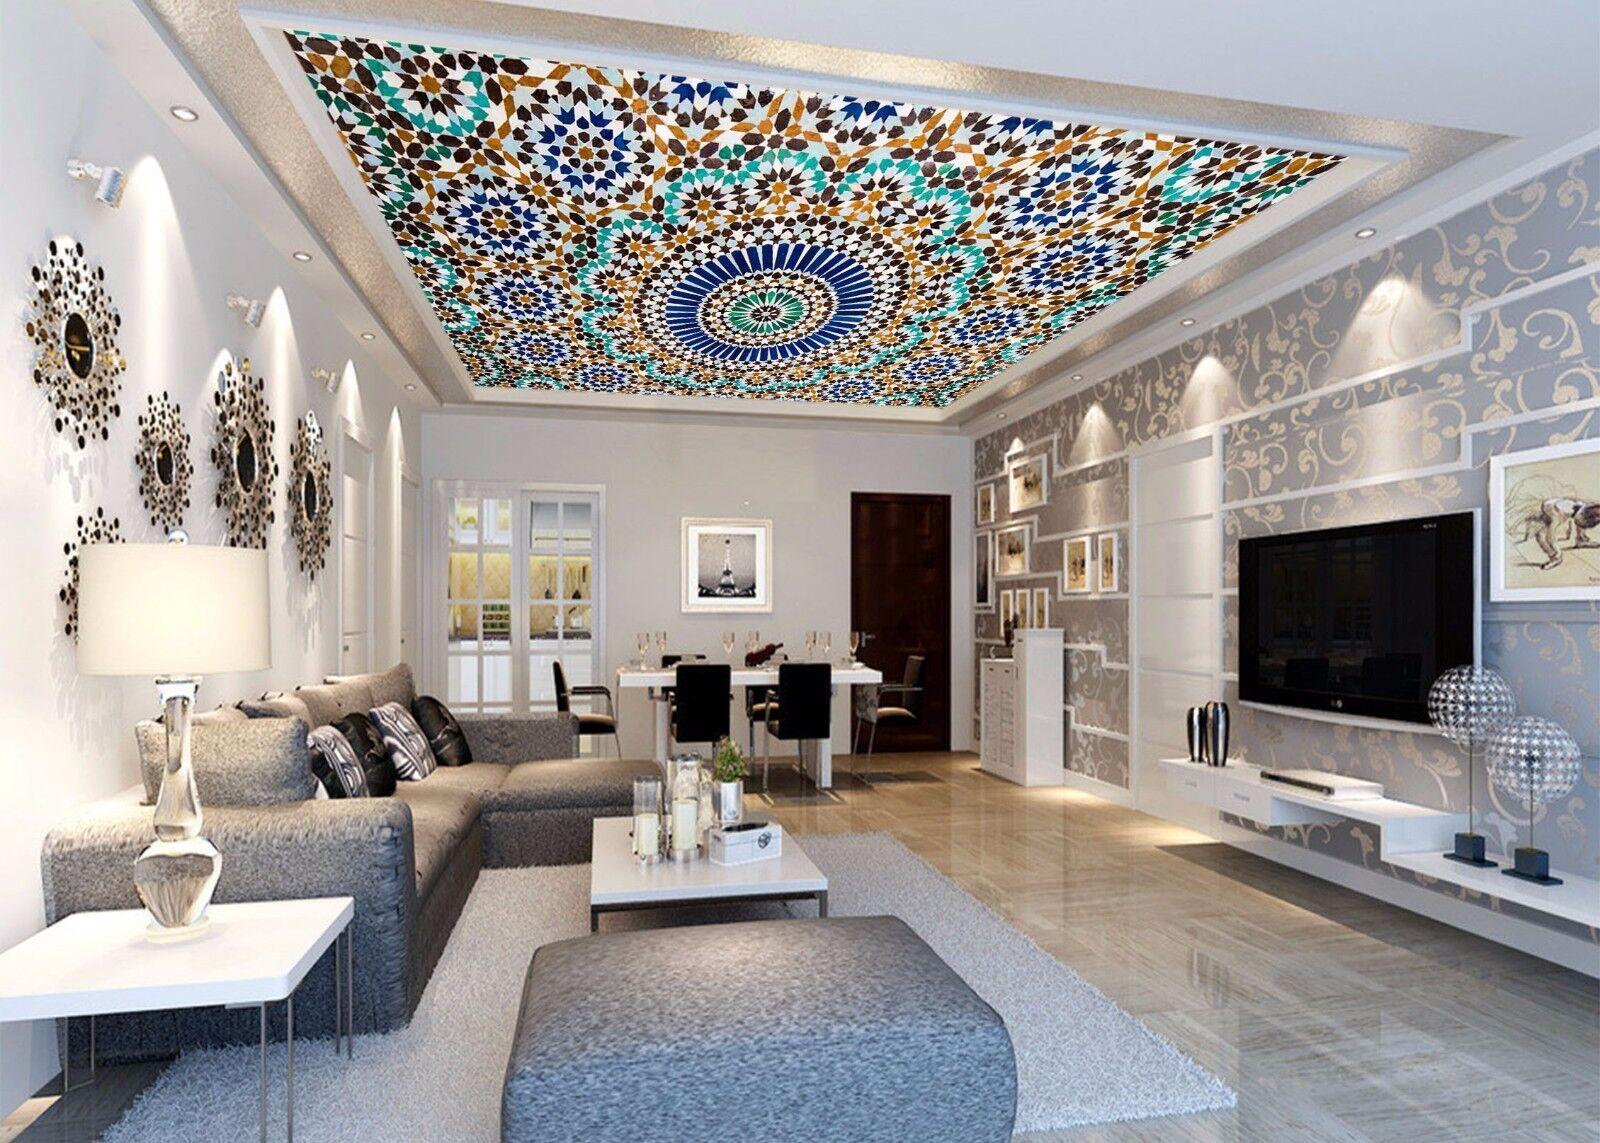 3D Dazzling  64 Ceiling WallPaper Murals Wall Print Decal Deco AJ WALLPAPER UK